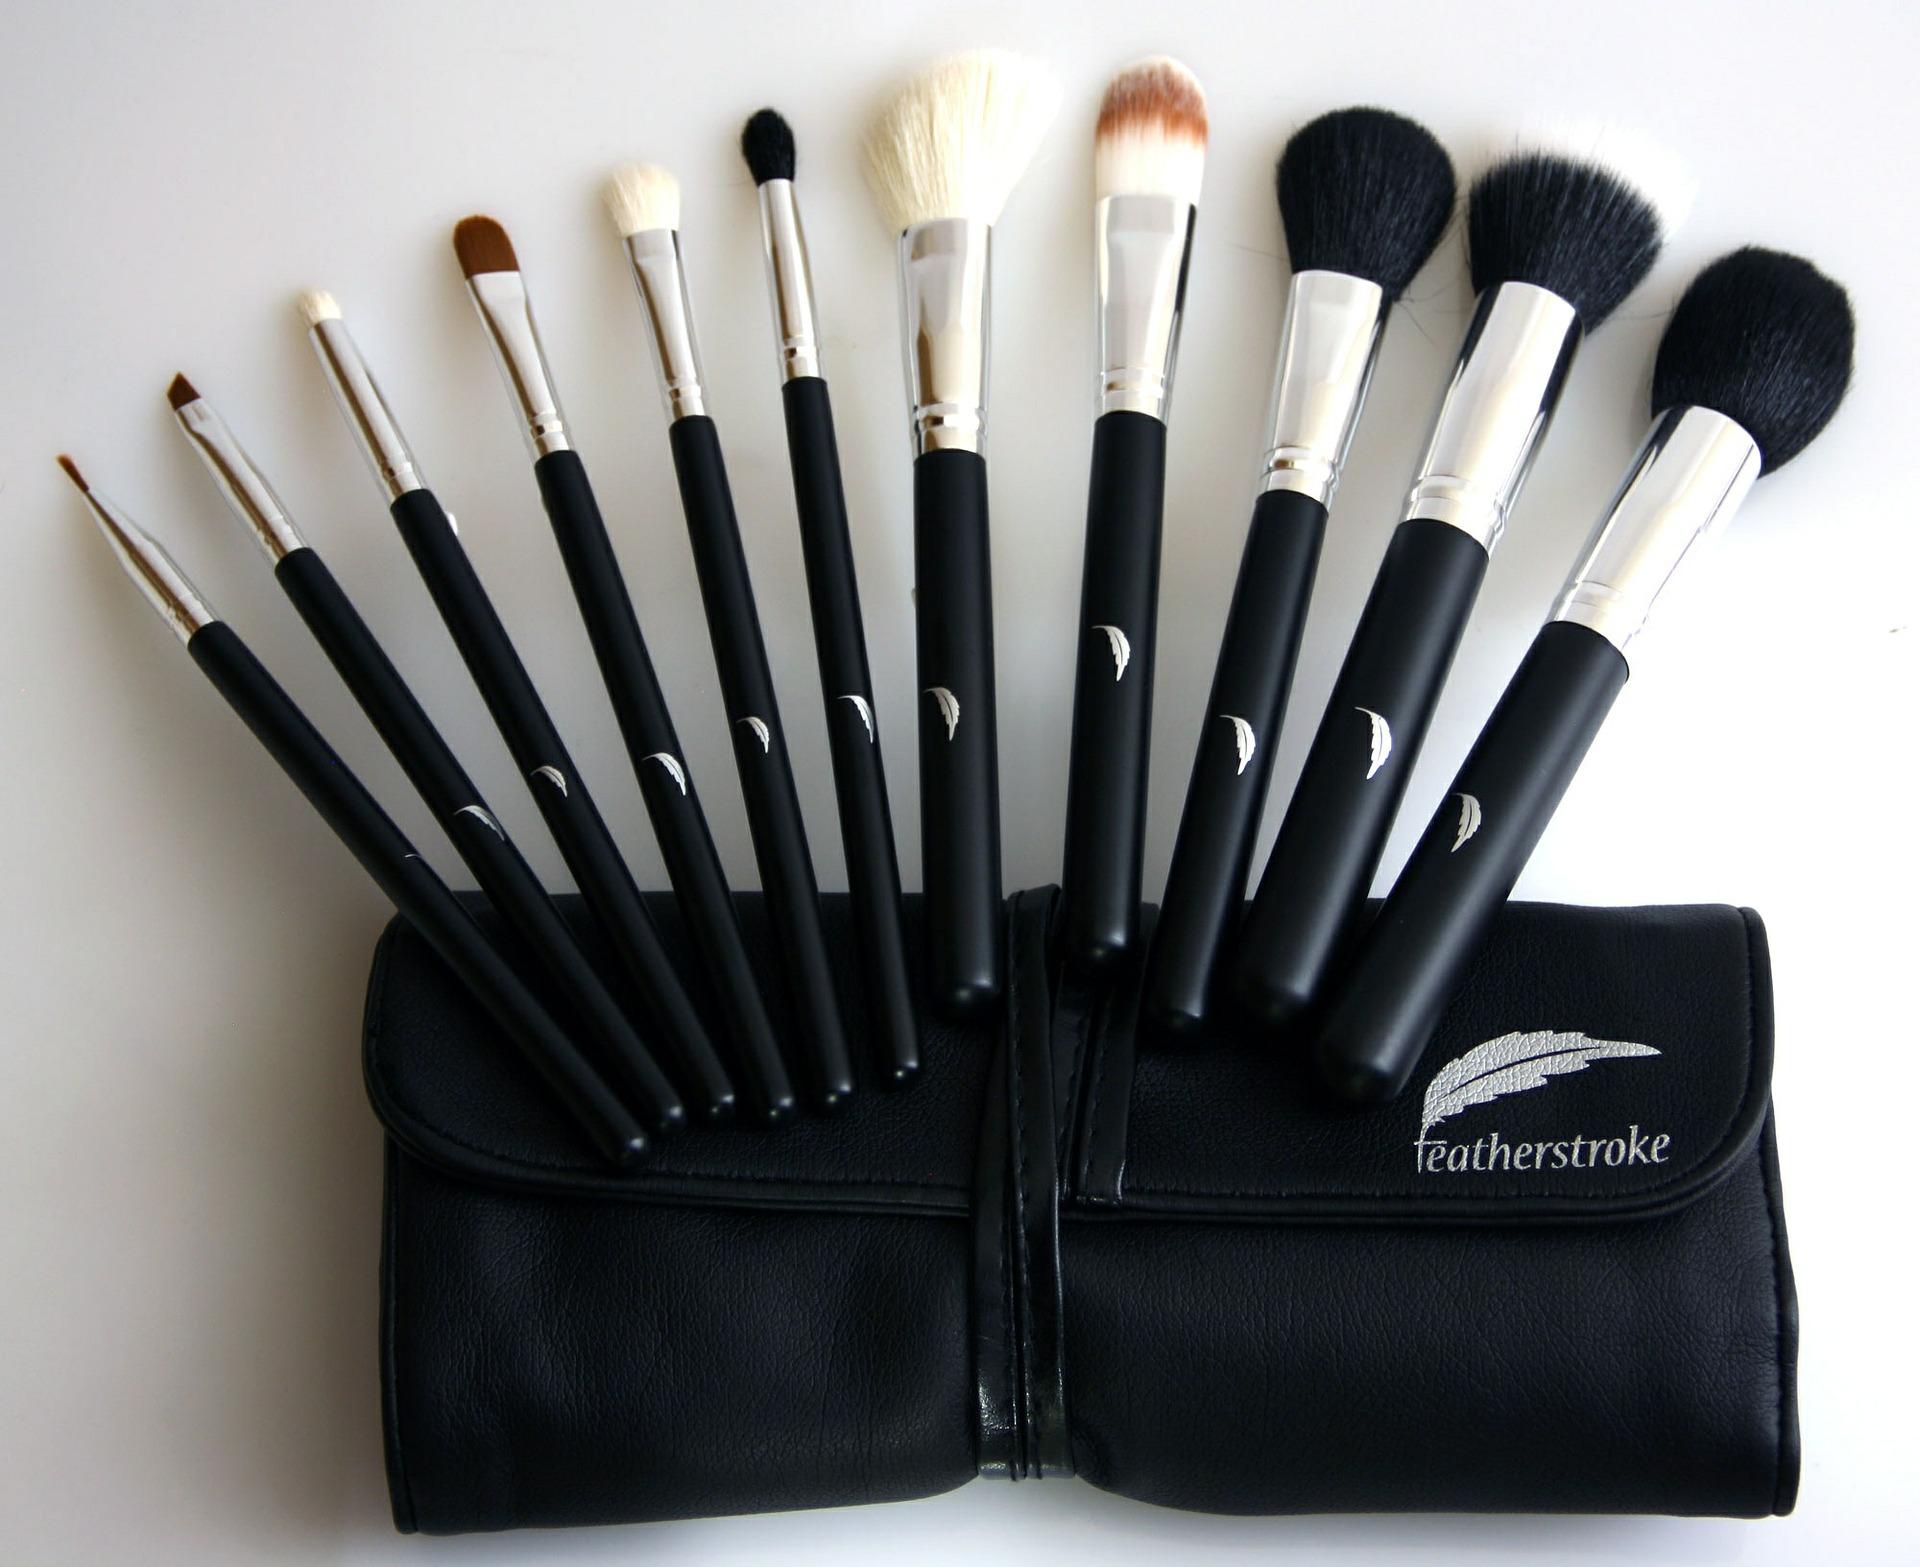 Jak czyścić pędzle do makijażu? Jak myć i przechowywać pędzle do makijażu, aby jak najdłużej nam posłużyły?